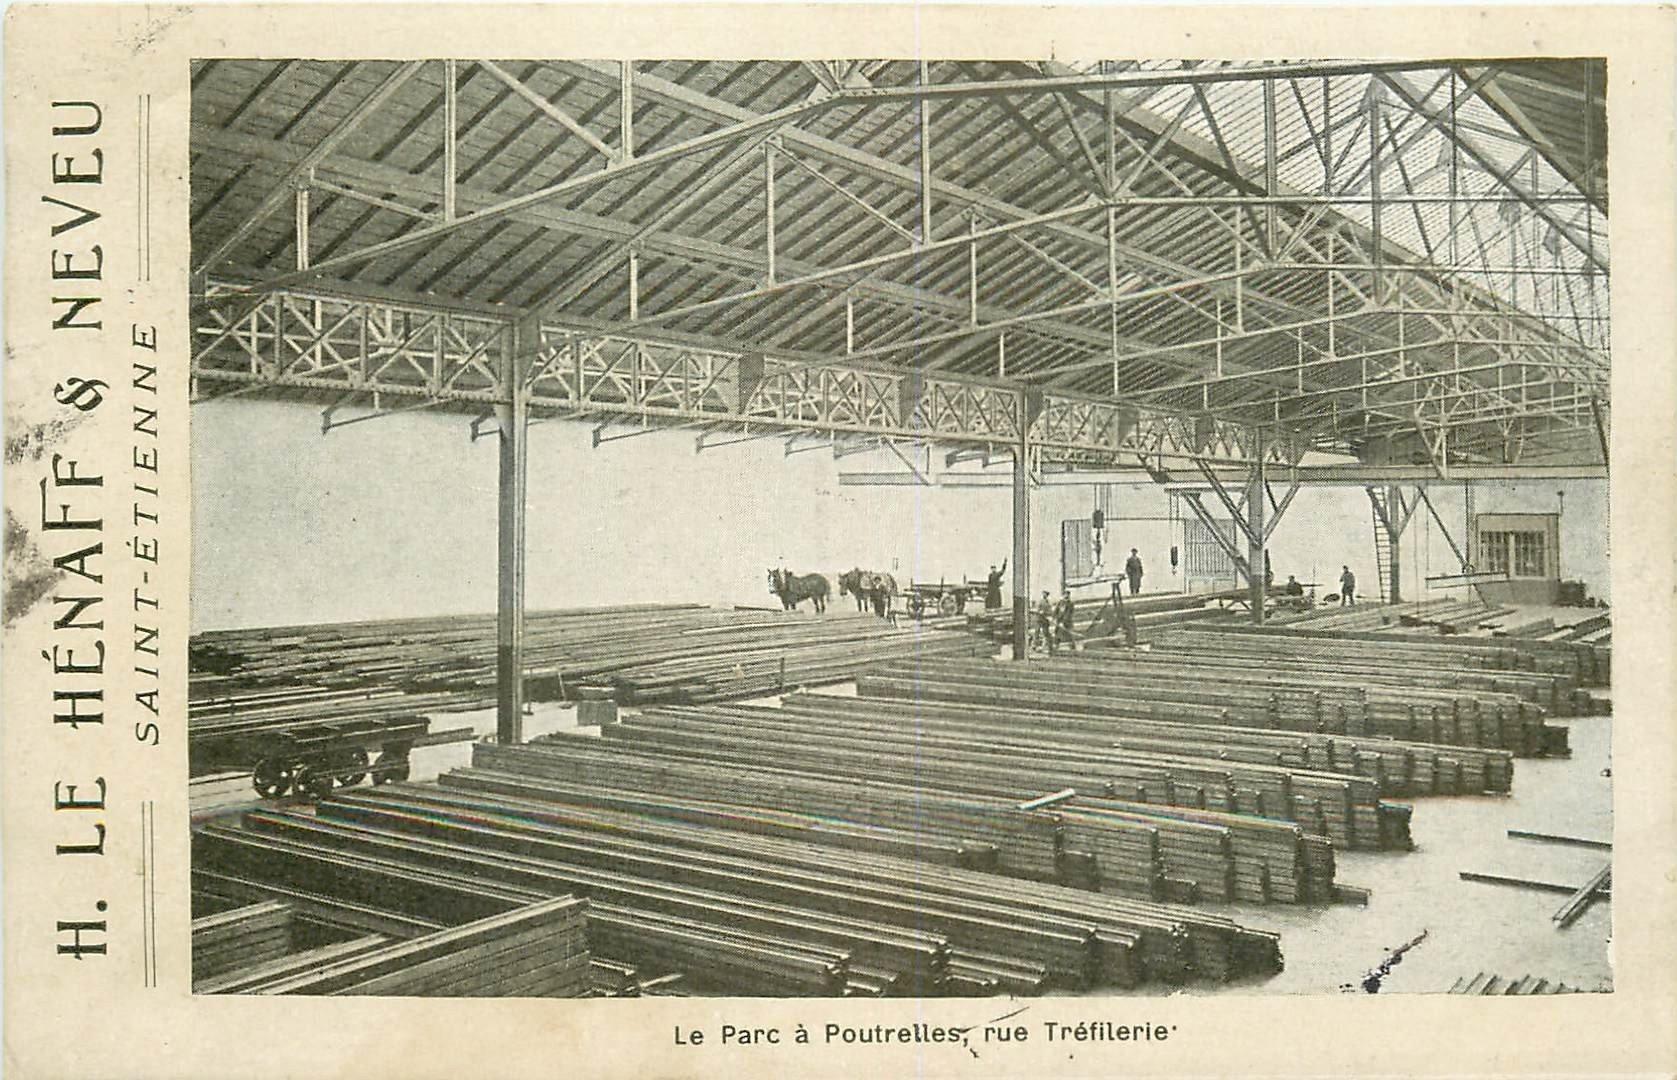 WW 42 SAINT-ETIENNE. Le Hénaff & Neveu Usine de poutrelles rue Tréfilerie 1913